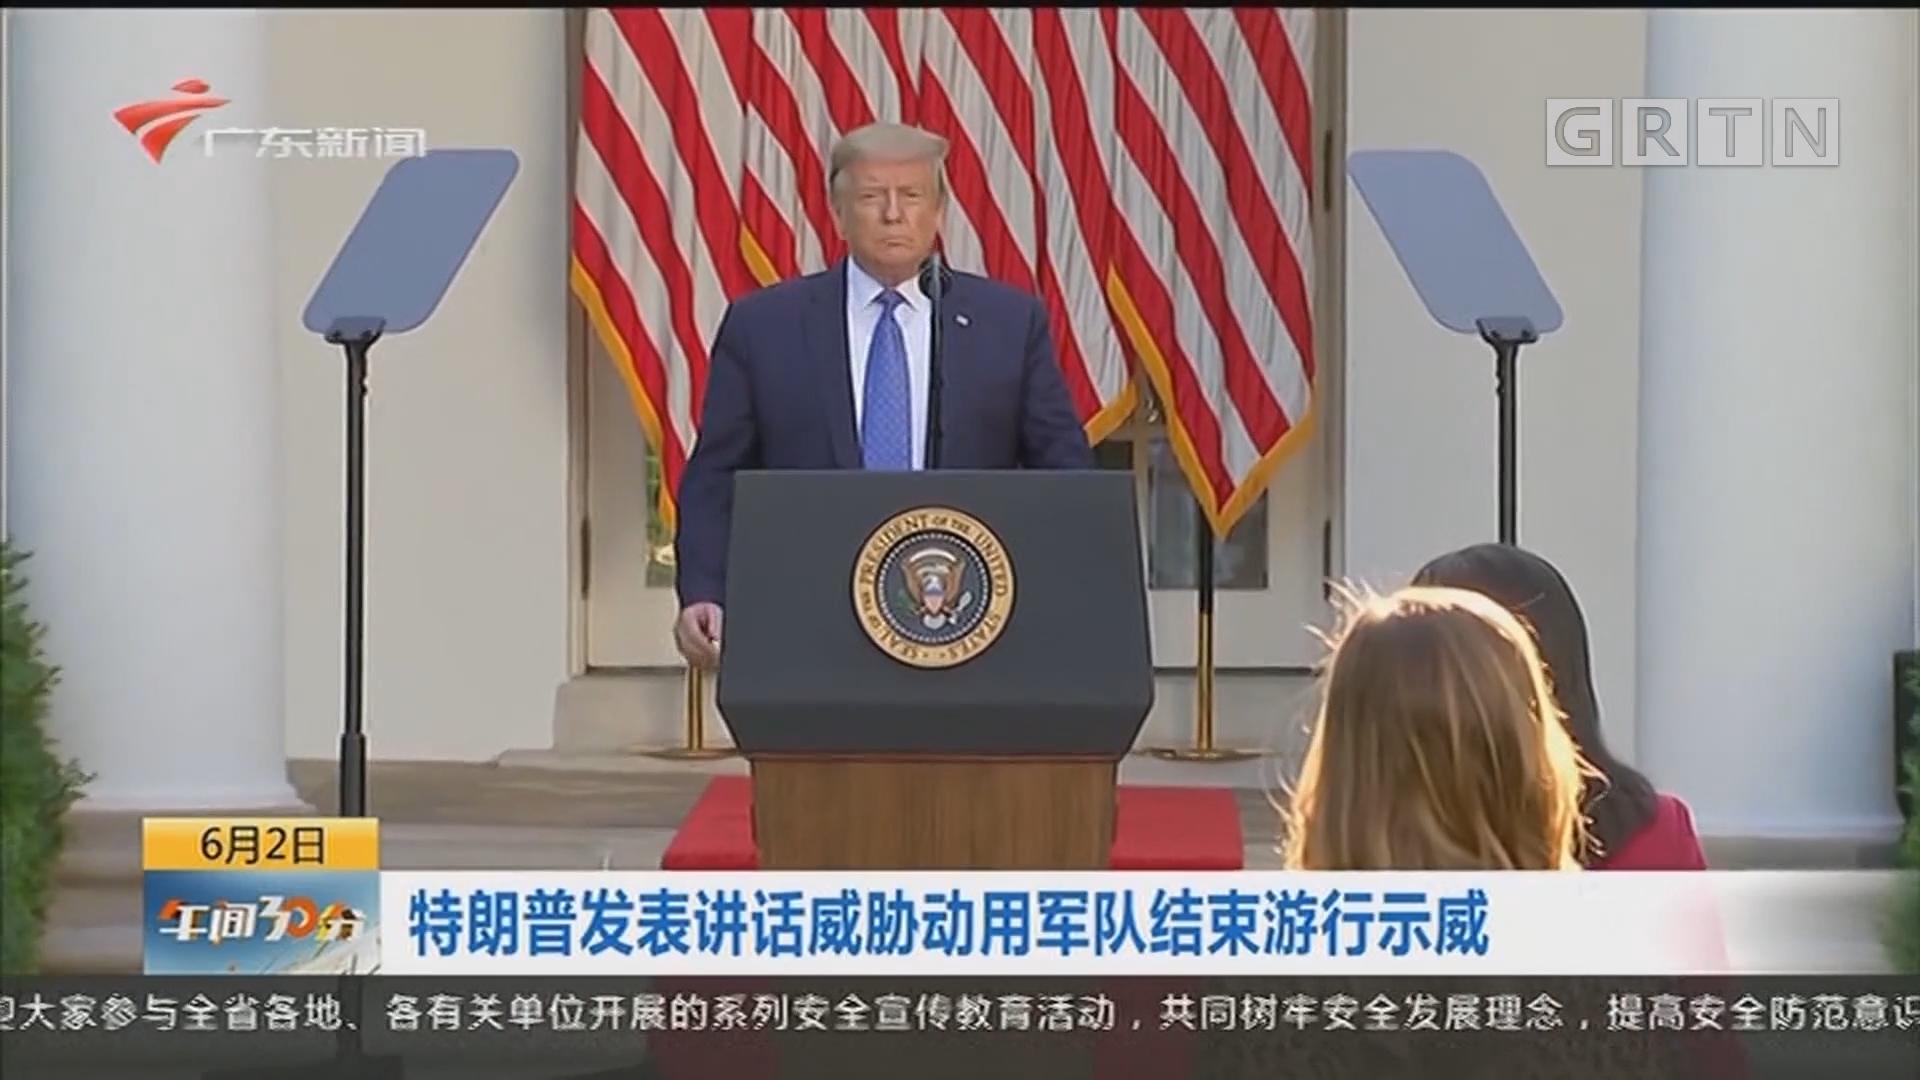 特朗普发表讲话威胁动用军队结束游行示威